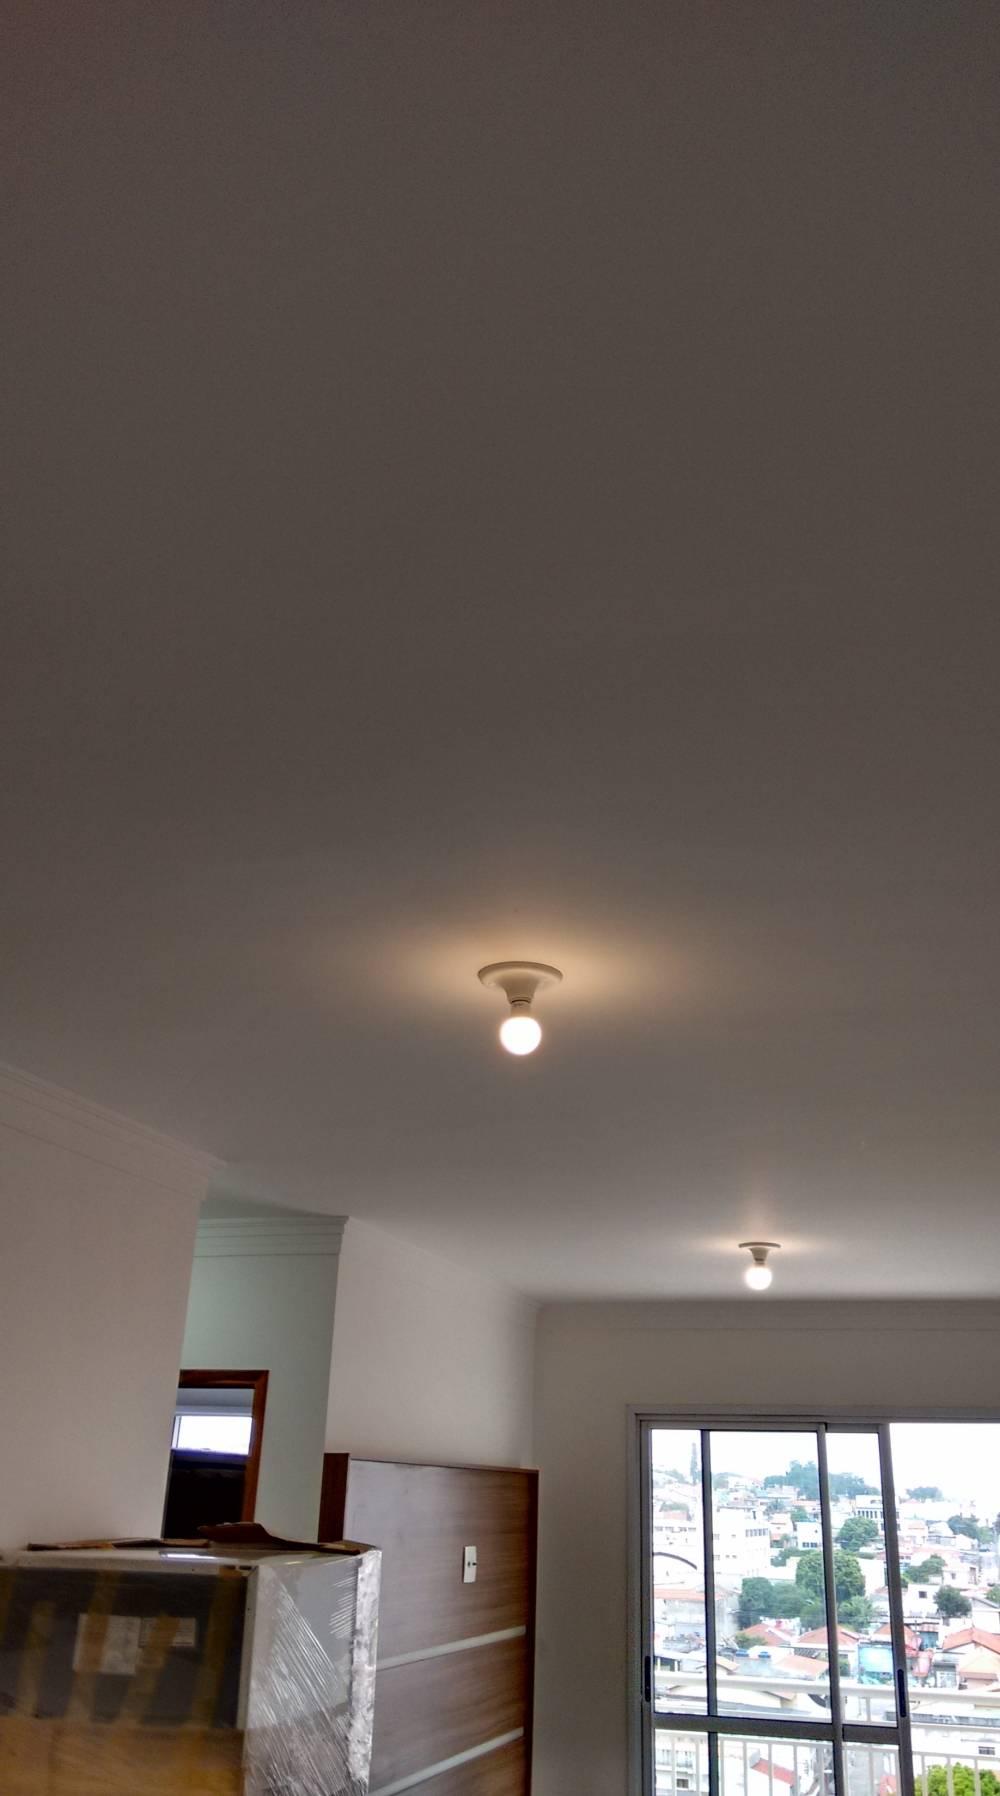 Serviço de Eletricidade Residencial Empresas Que Fazem na Vila Afonso Celso - Eletricista em SP